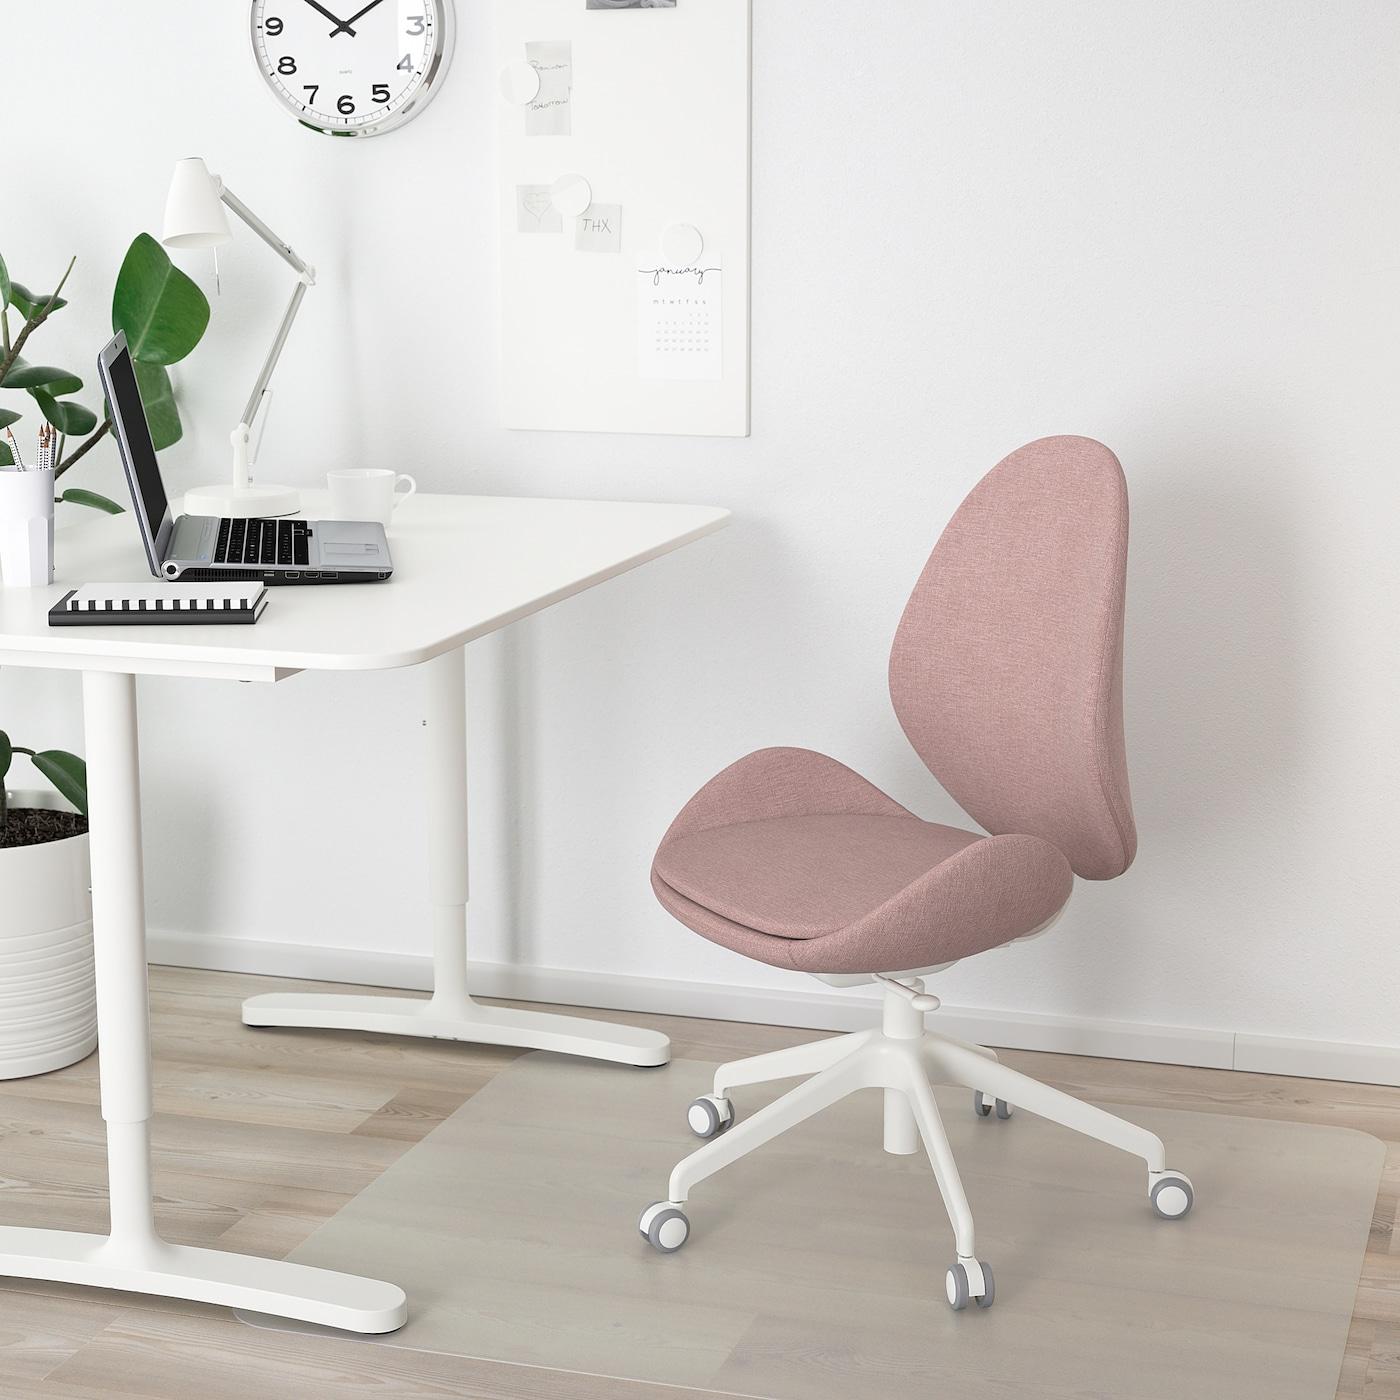 HATTEFJÄLL Office chair, Gunnared light brown-pink